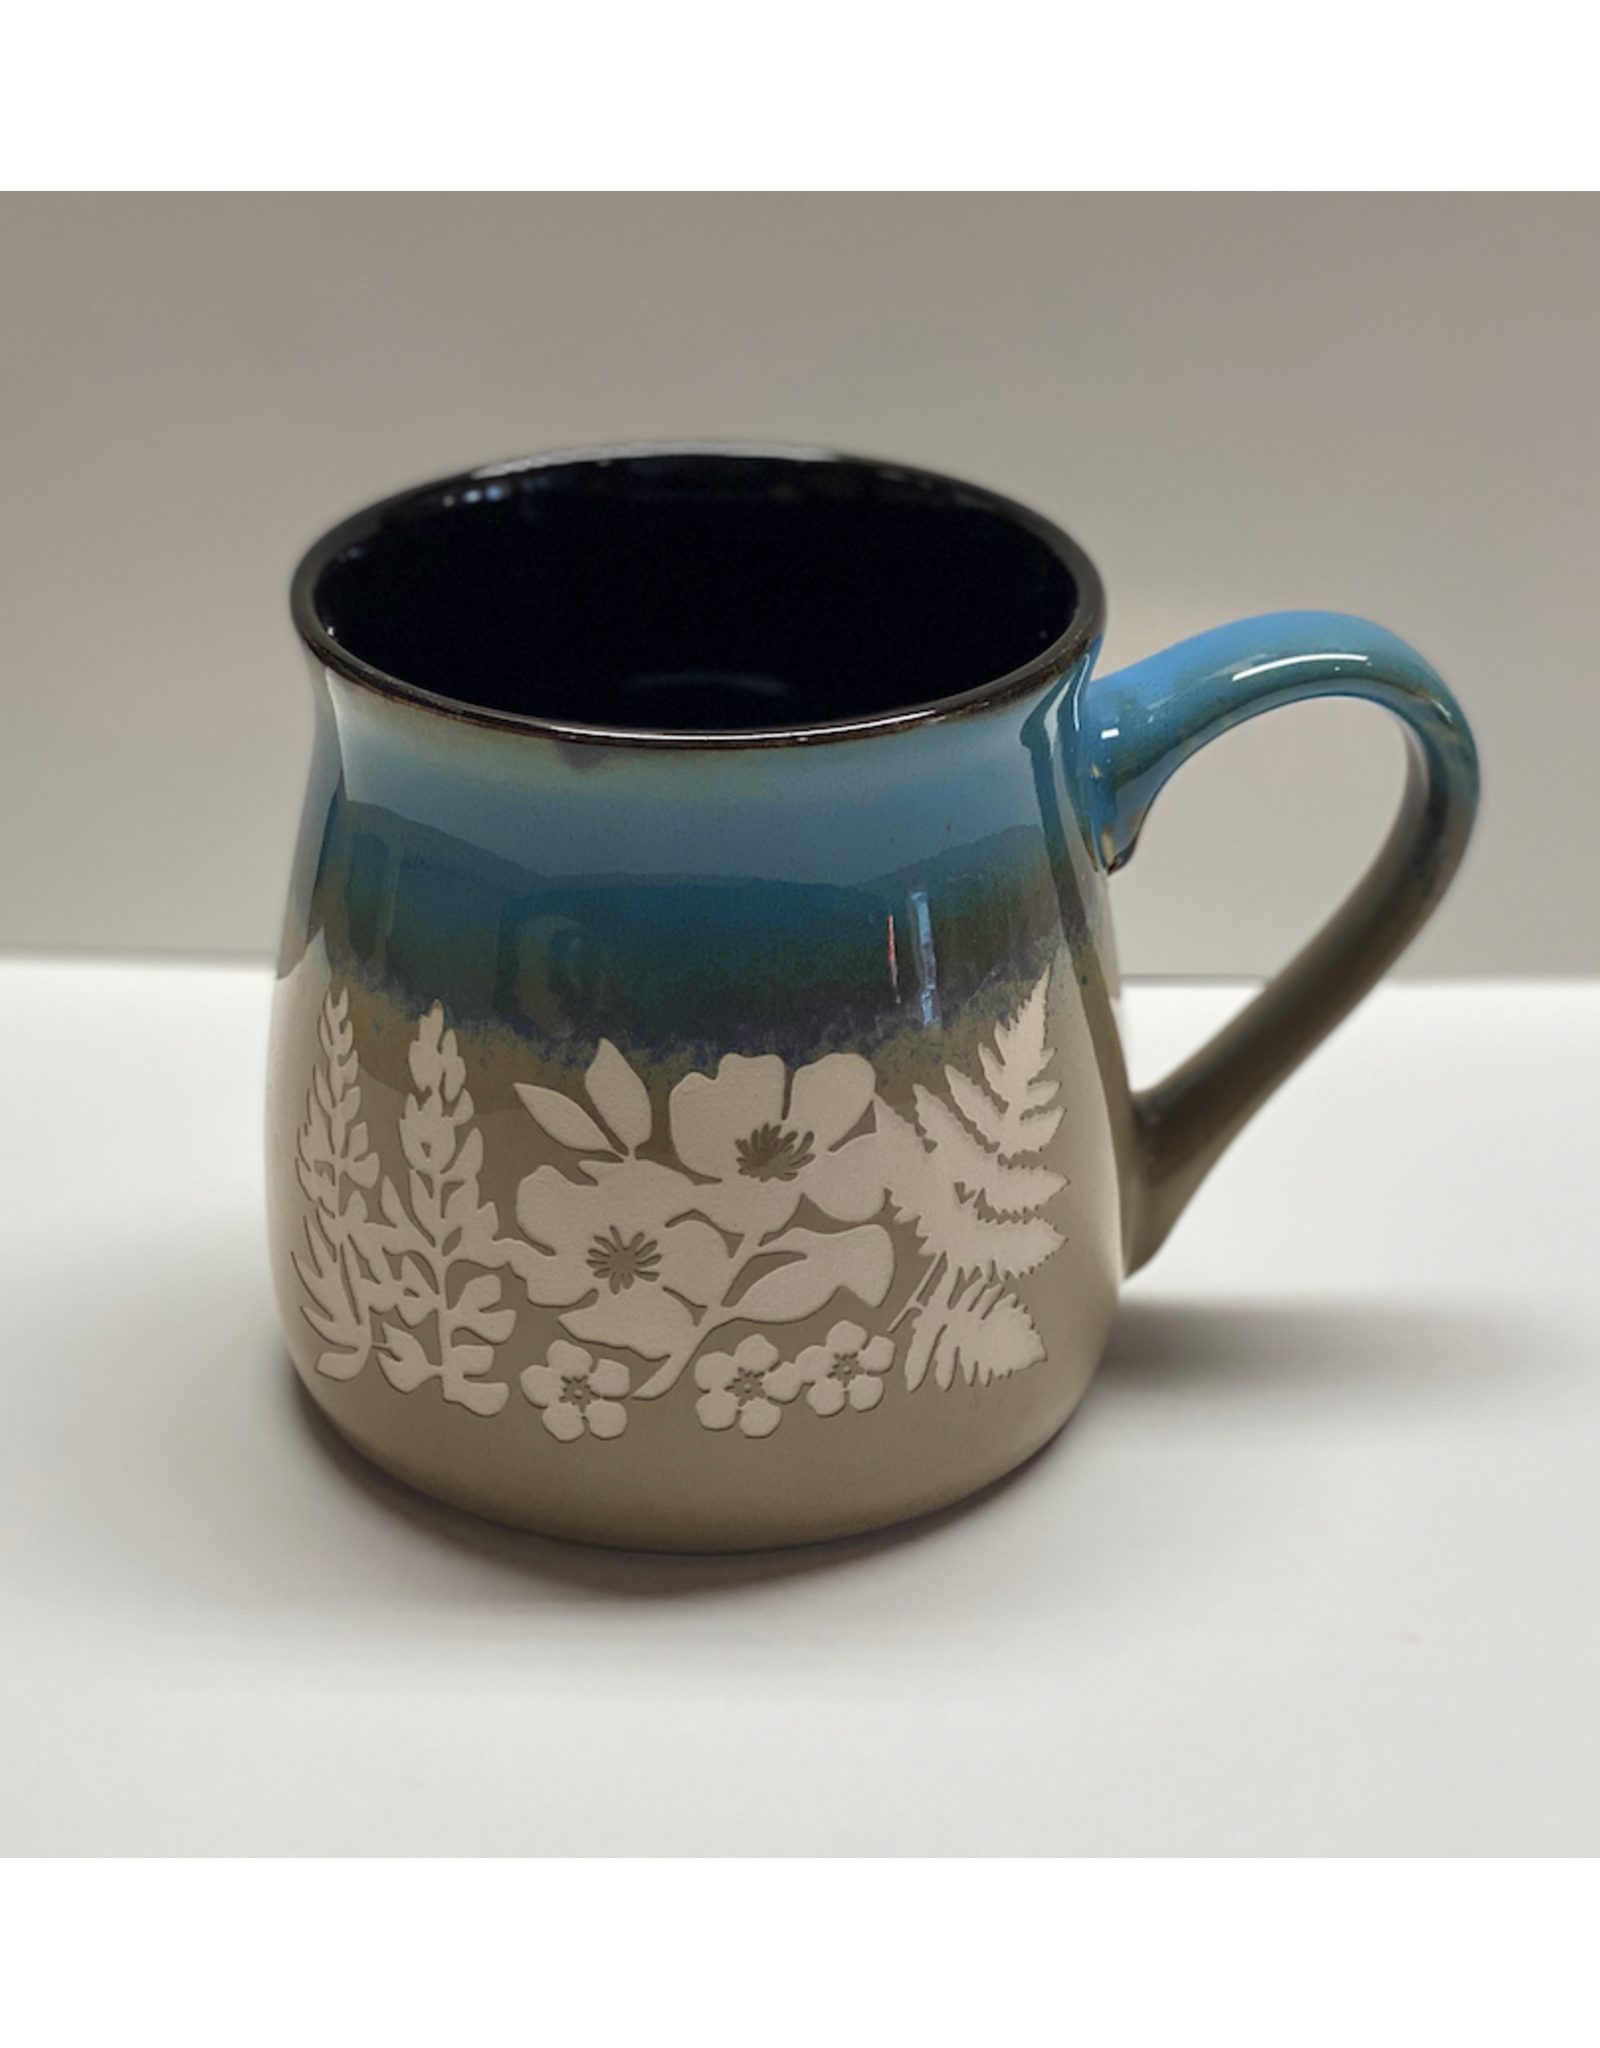 Brecht Studio Bistro Mug (wildflowers) | Brecht Studio